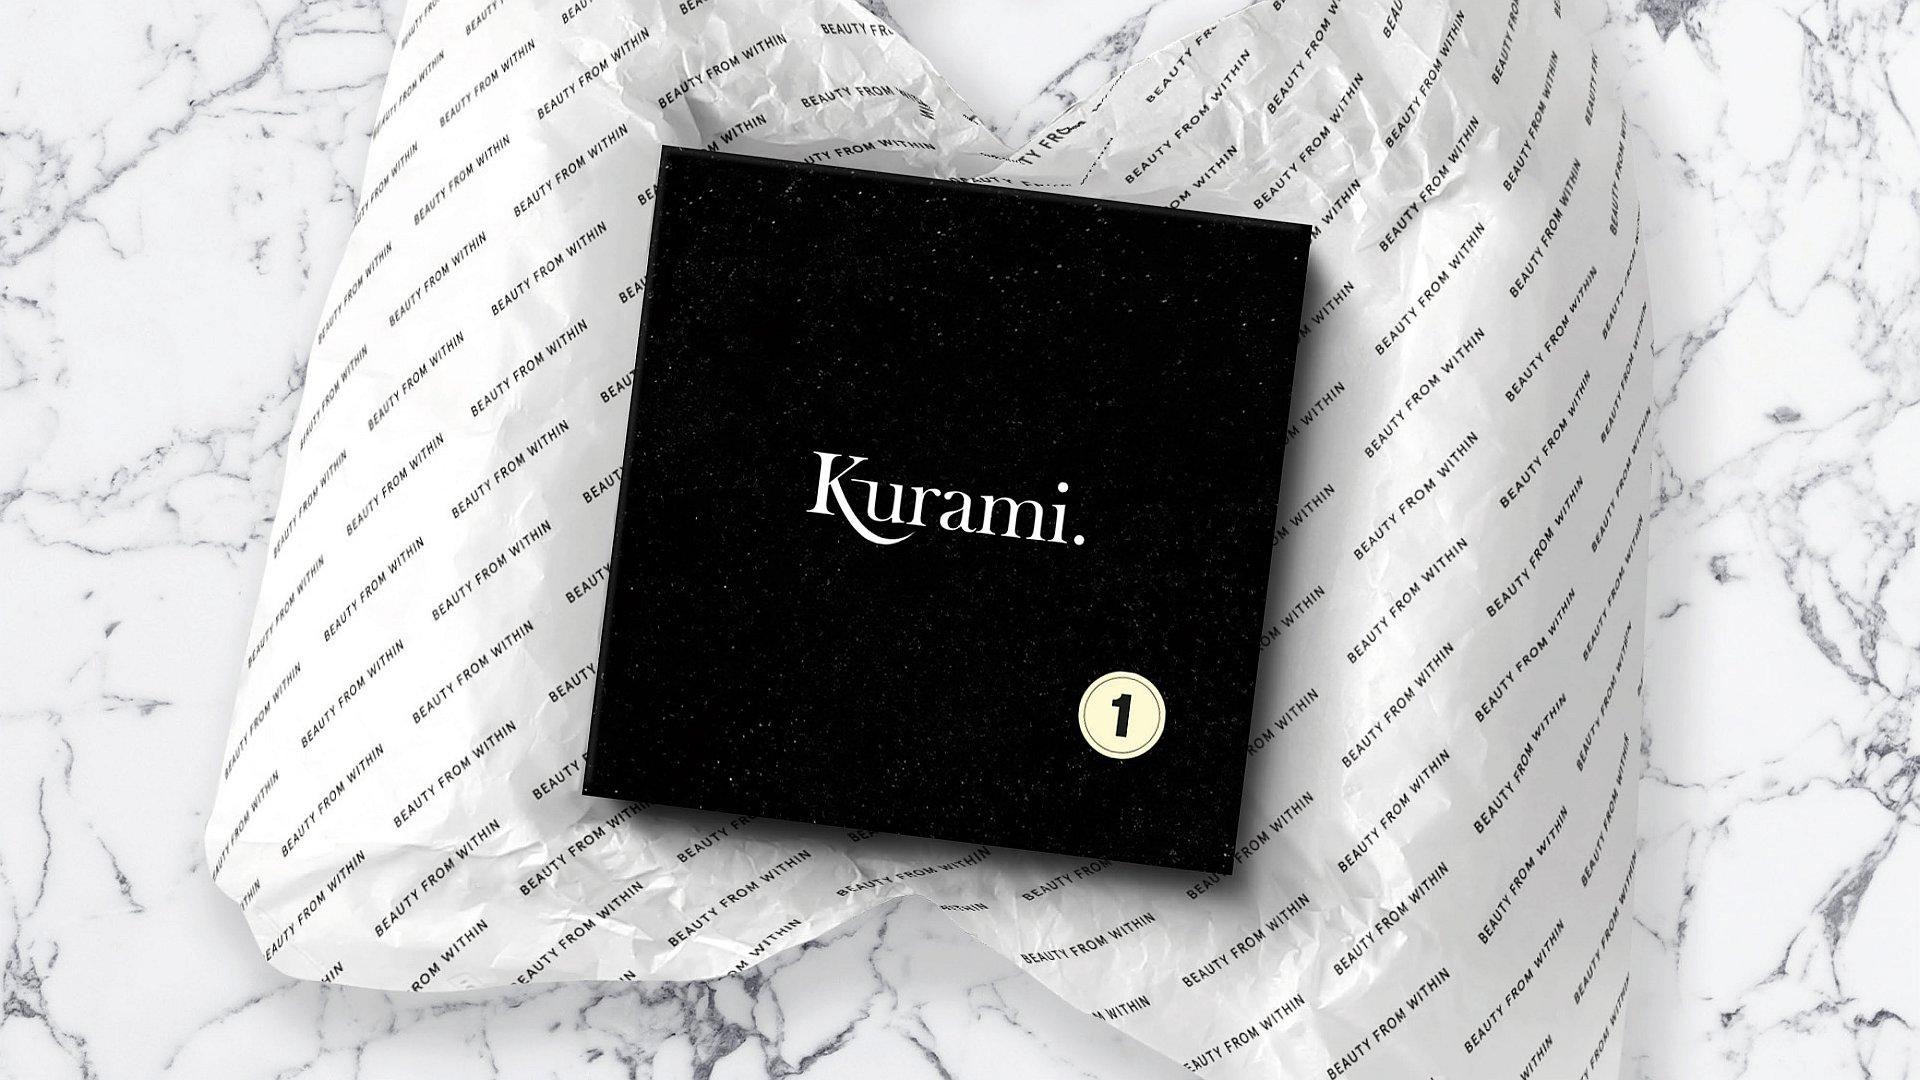 Kurami